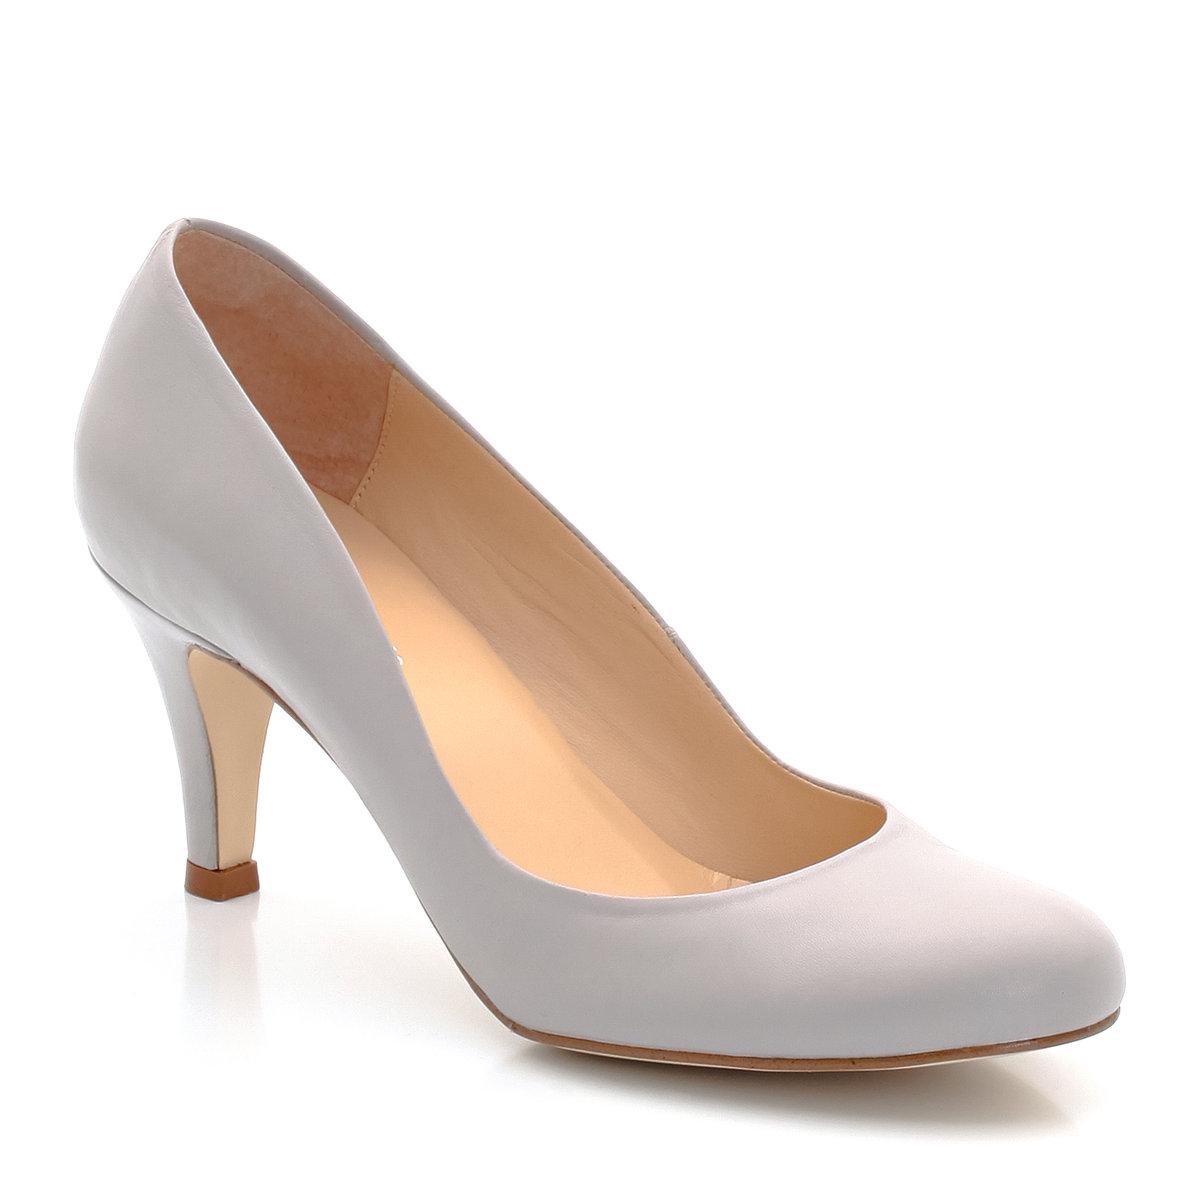 Туфли на каблукеБренд: JONAK. Верх: коровья кожа. Подкладка: кожа. Стелька: кожа. Подошва: эластомер. Высота каблука: 6 см<br><br>Цвет: каштаново-серый<br>Размер: 39